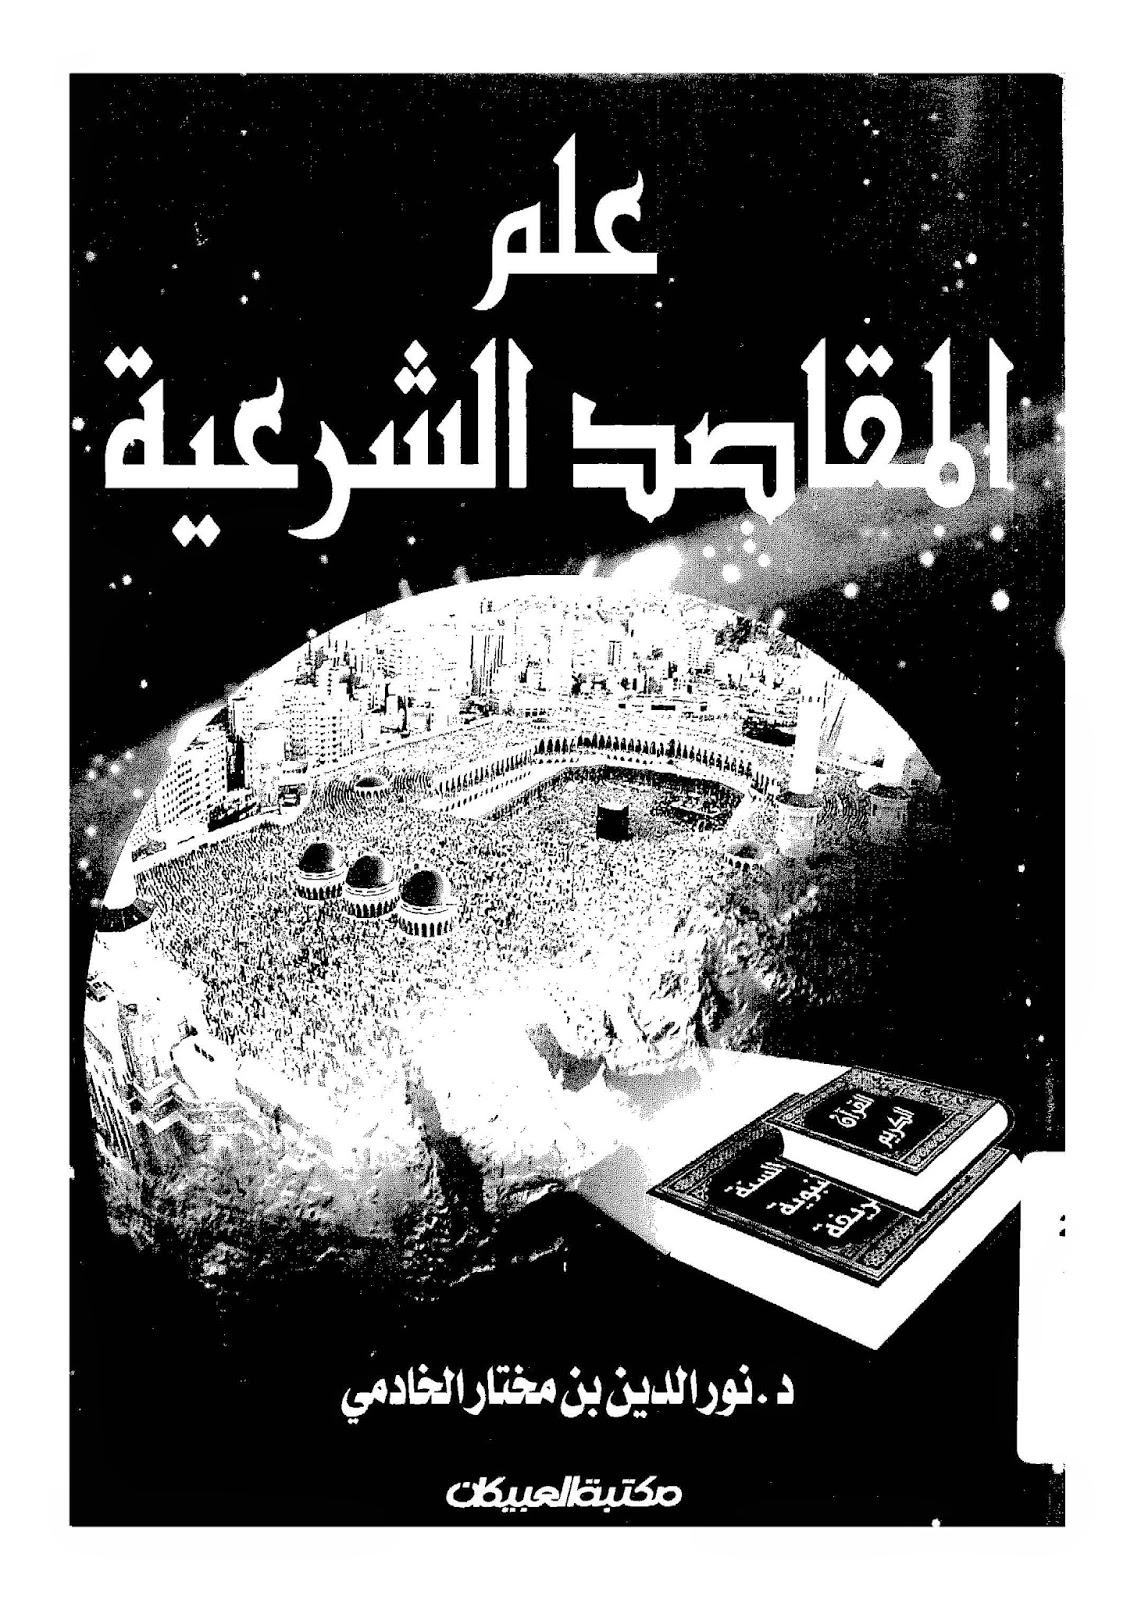 كتاب علم مقاصد الشريعة لـ نور الدين الخادمي